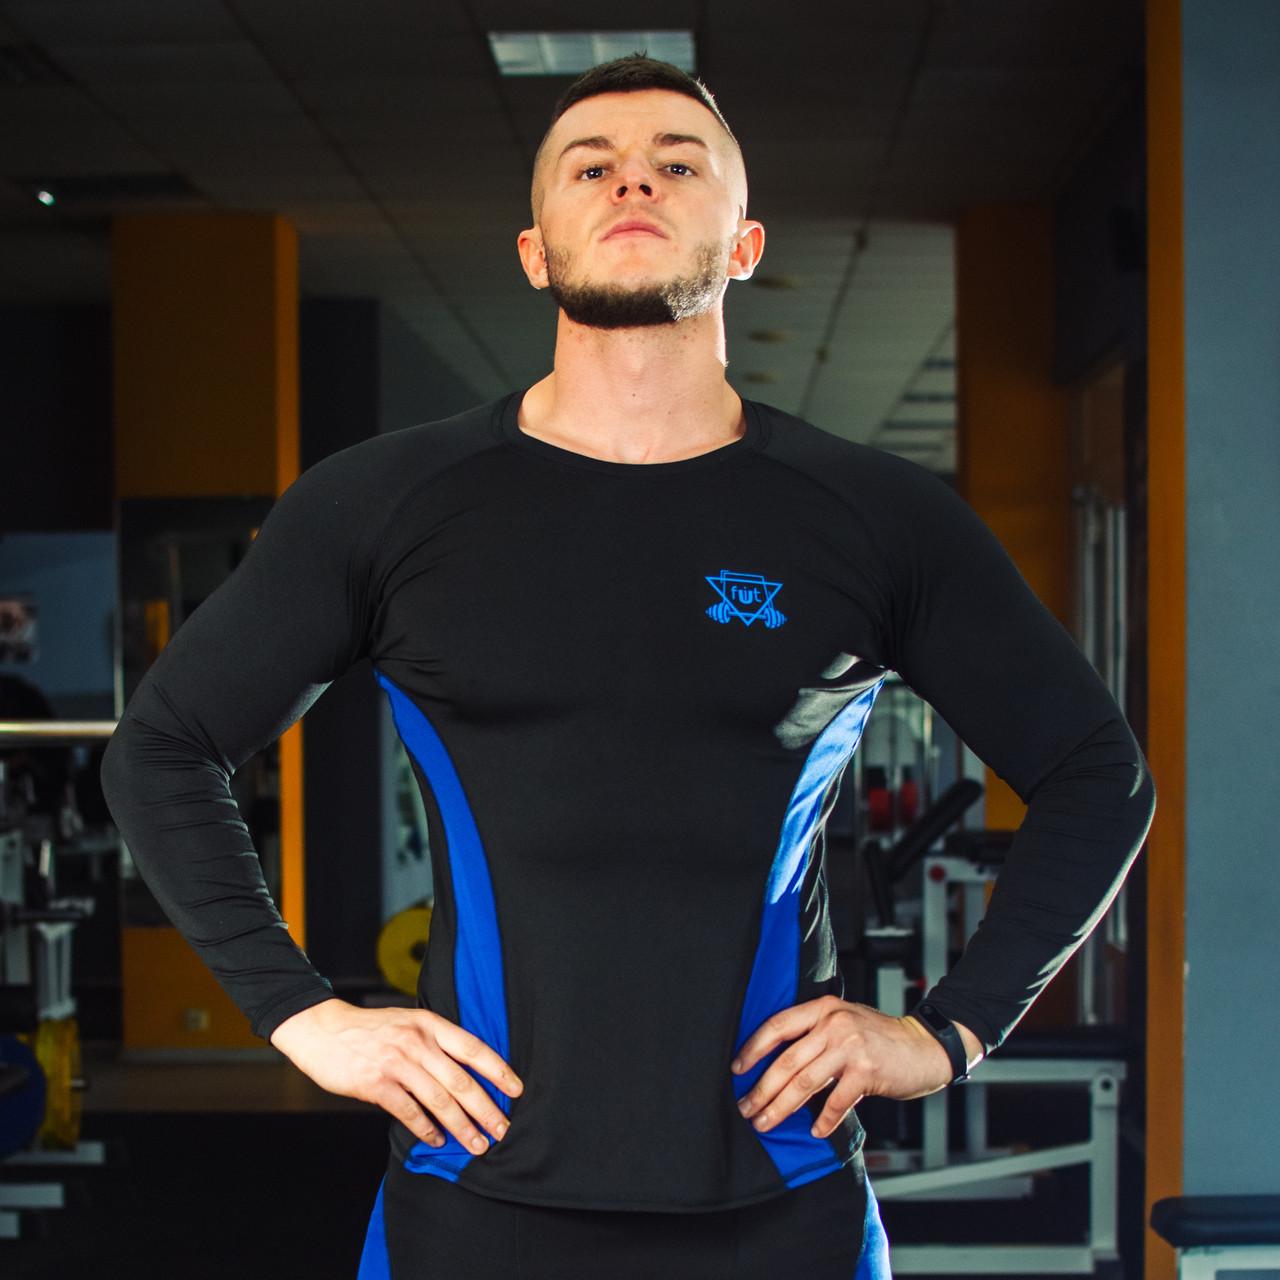 Рашгард компрессионный мужской спортивный FitU RushPro Blue FitU